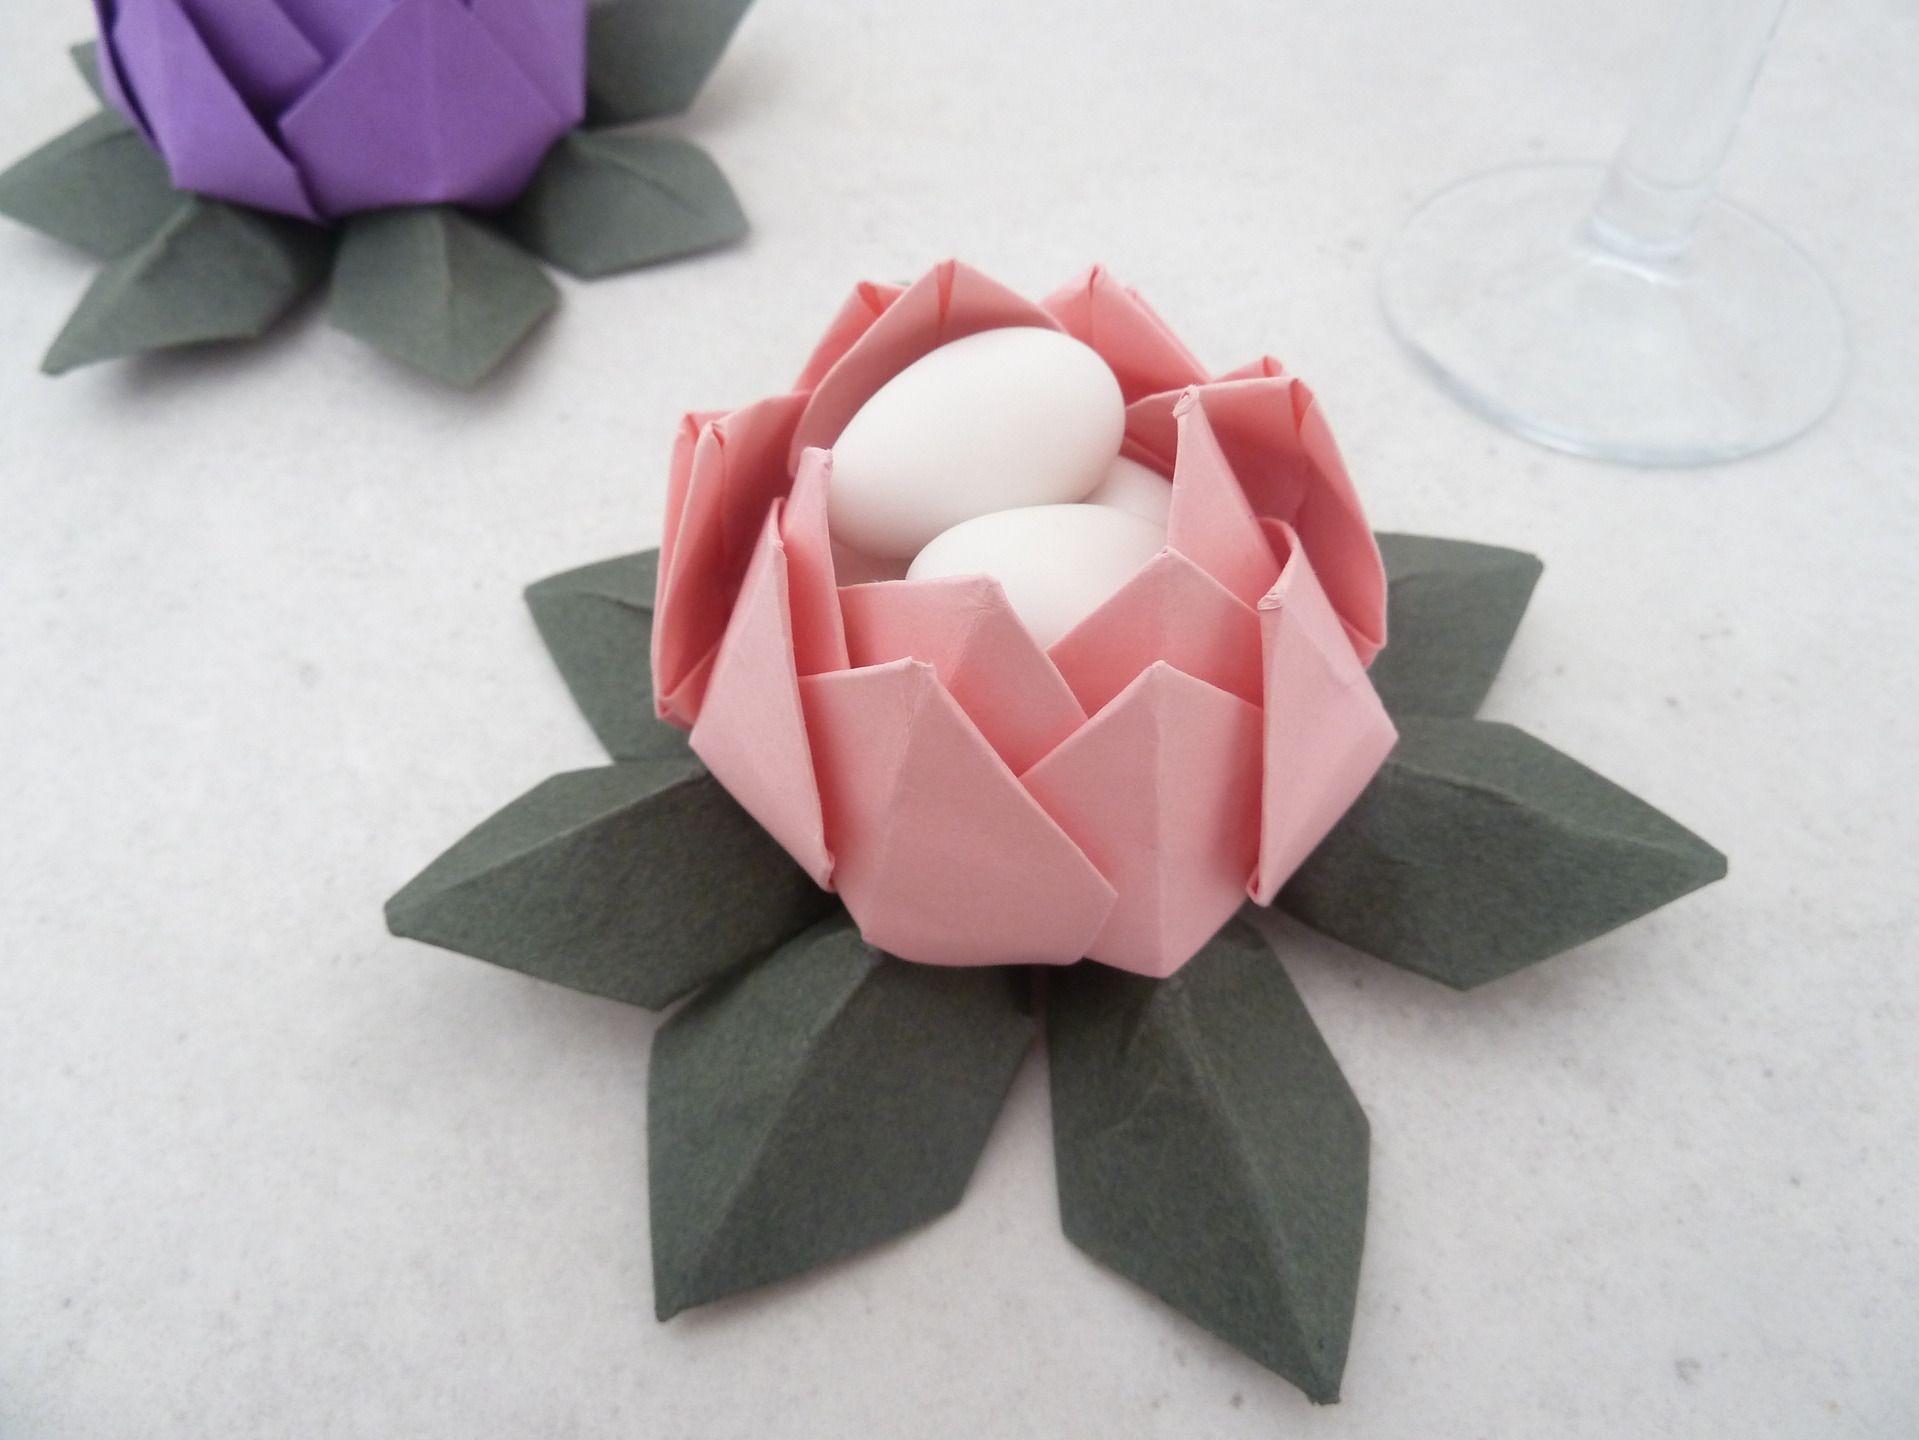 cadeau invit s contenant drag es fleur de lotus en origami rose vert pour mariage. Black Bedroom Furniture Sets. Home Design Ideas